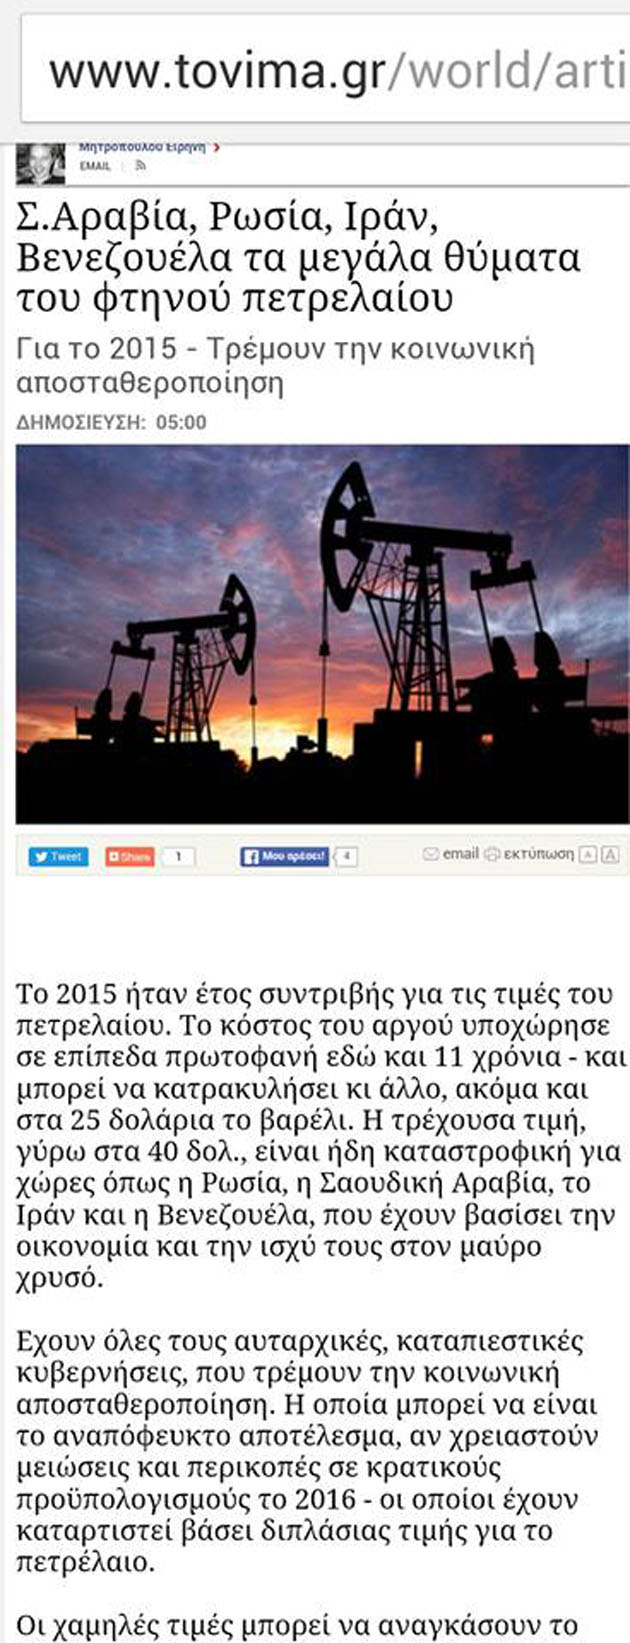 Ἡ πτῶσις τῆς τιμῆς τοῦ πετρελαίου φέρνει θετικὰ ἀποτελέσματα στοὺς ...τοκογλύφους!!!4